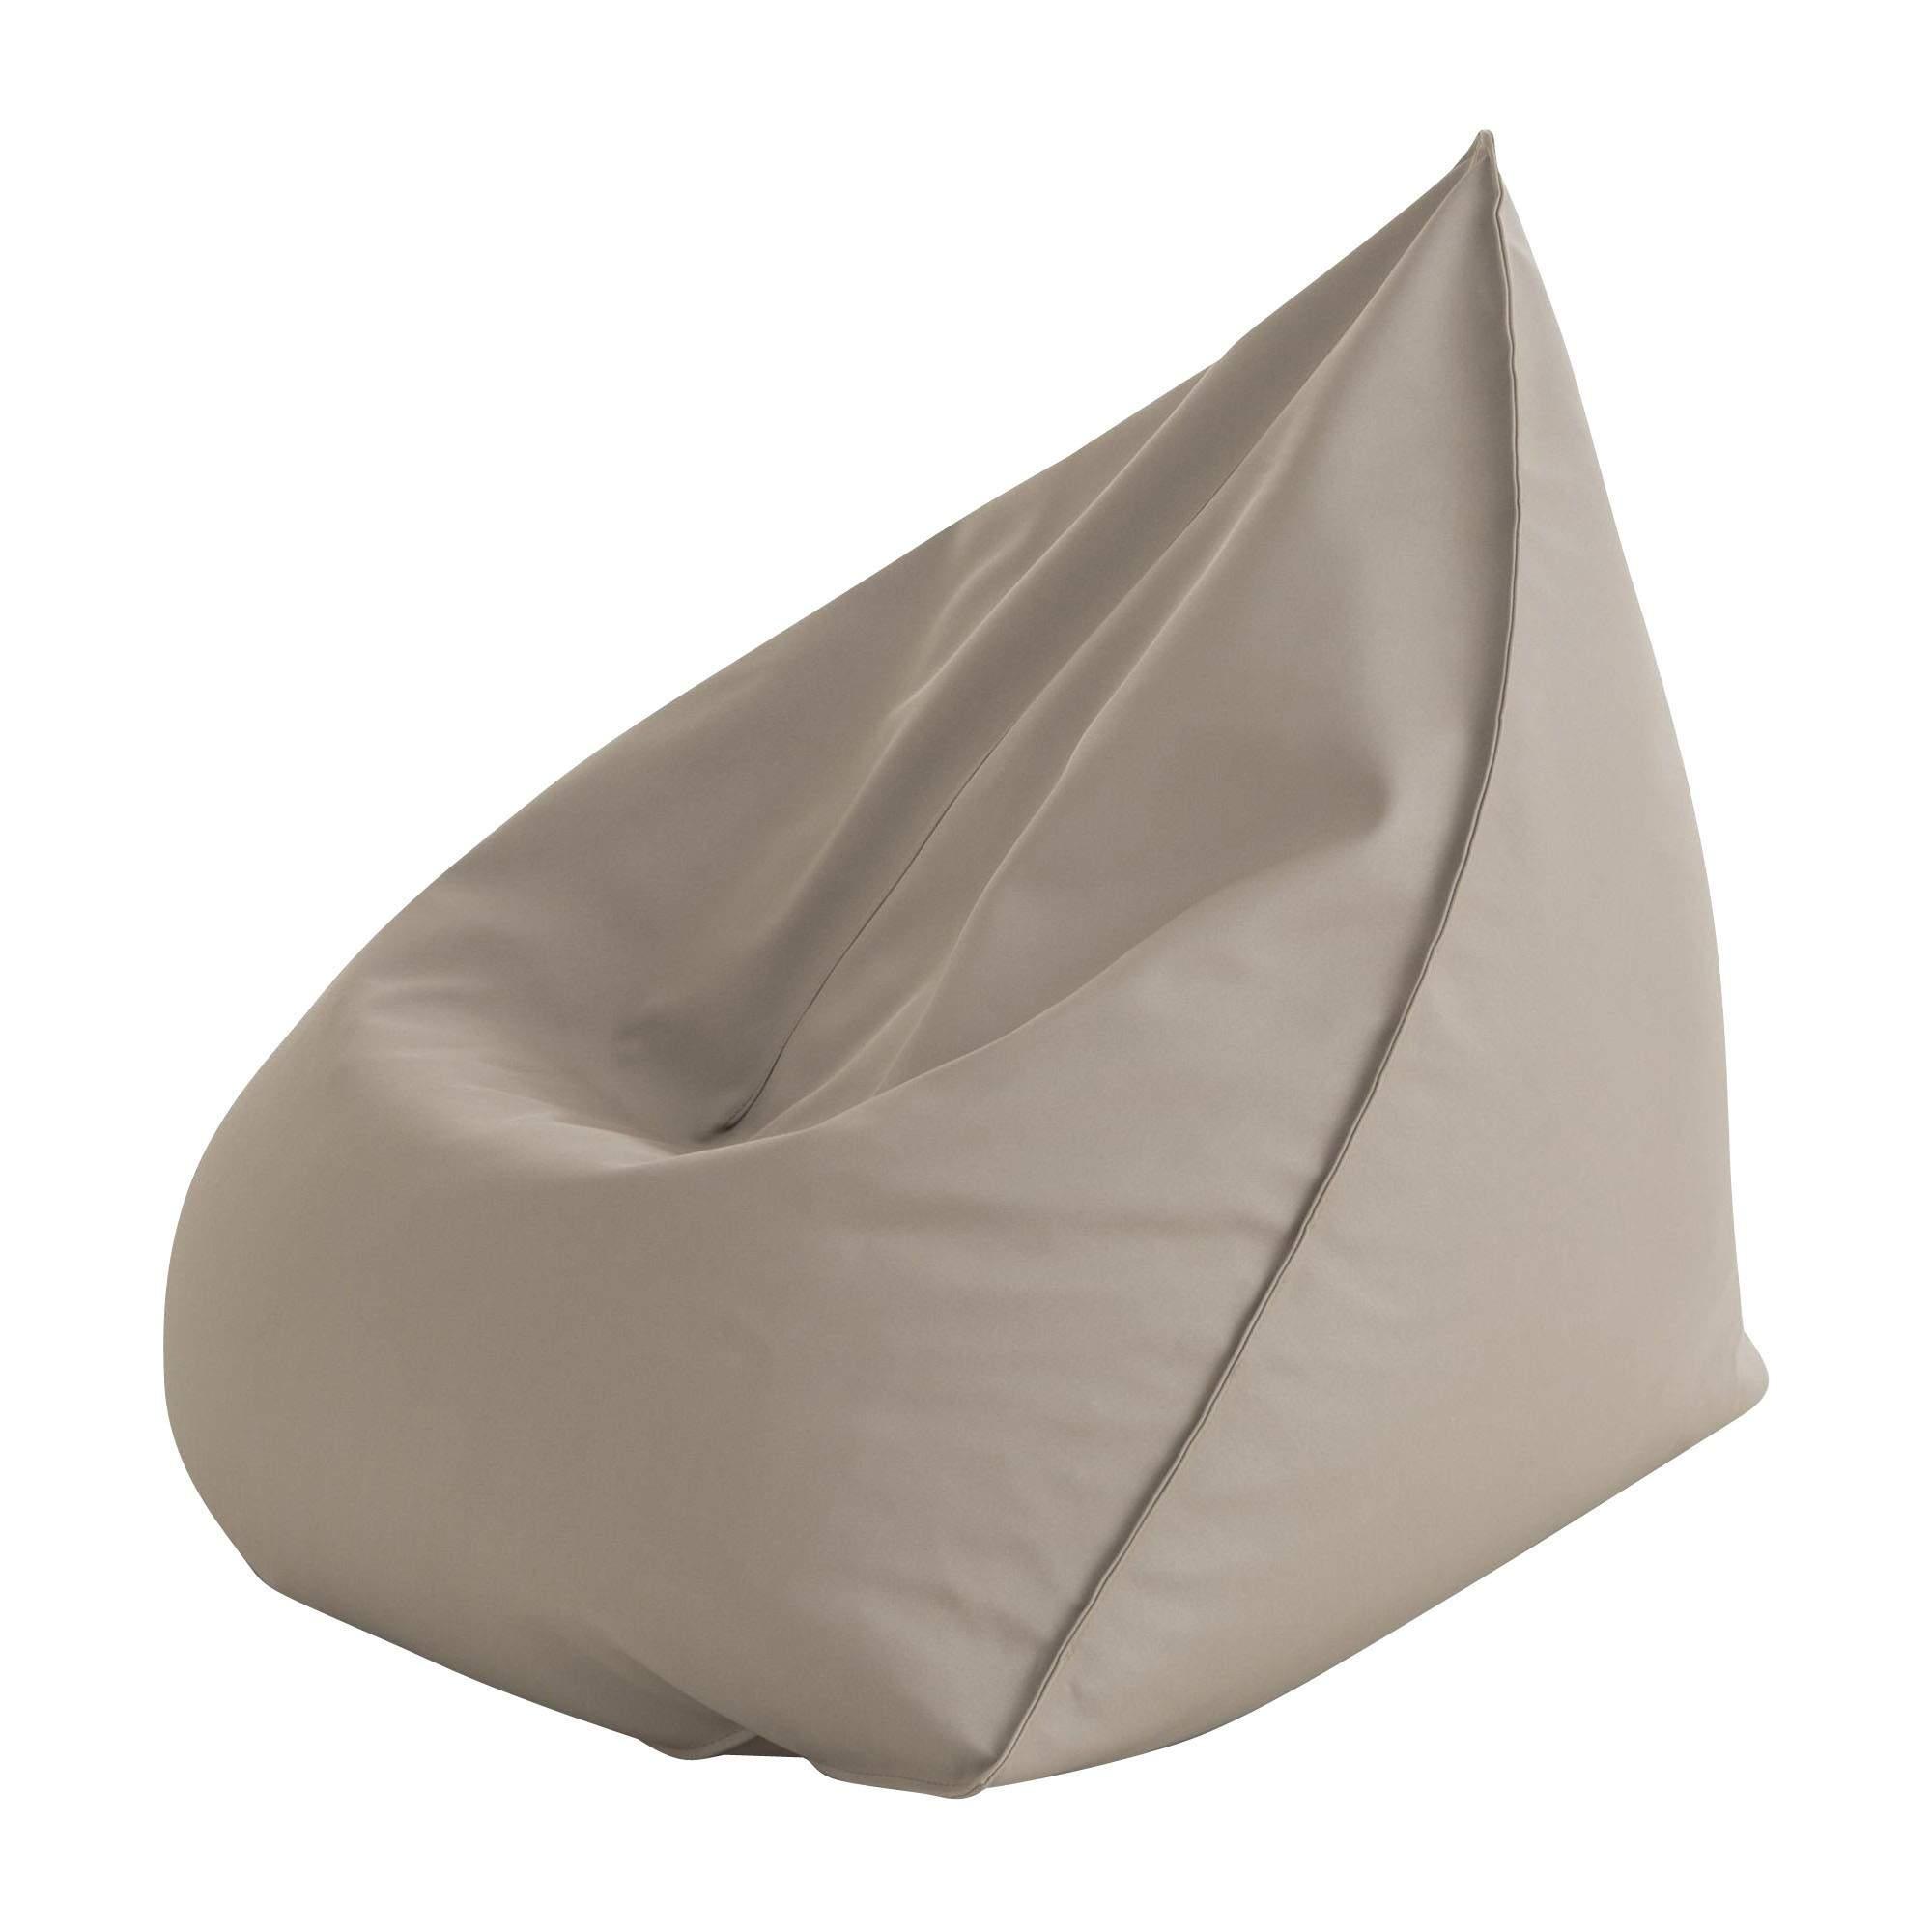 Gandia Blasco Sail Outdoor Pouf Sitzsack 2000x2000 ID ec1f615f779ded946f502f1eadcedeff